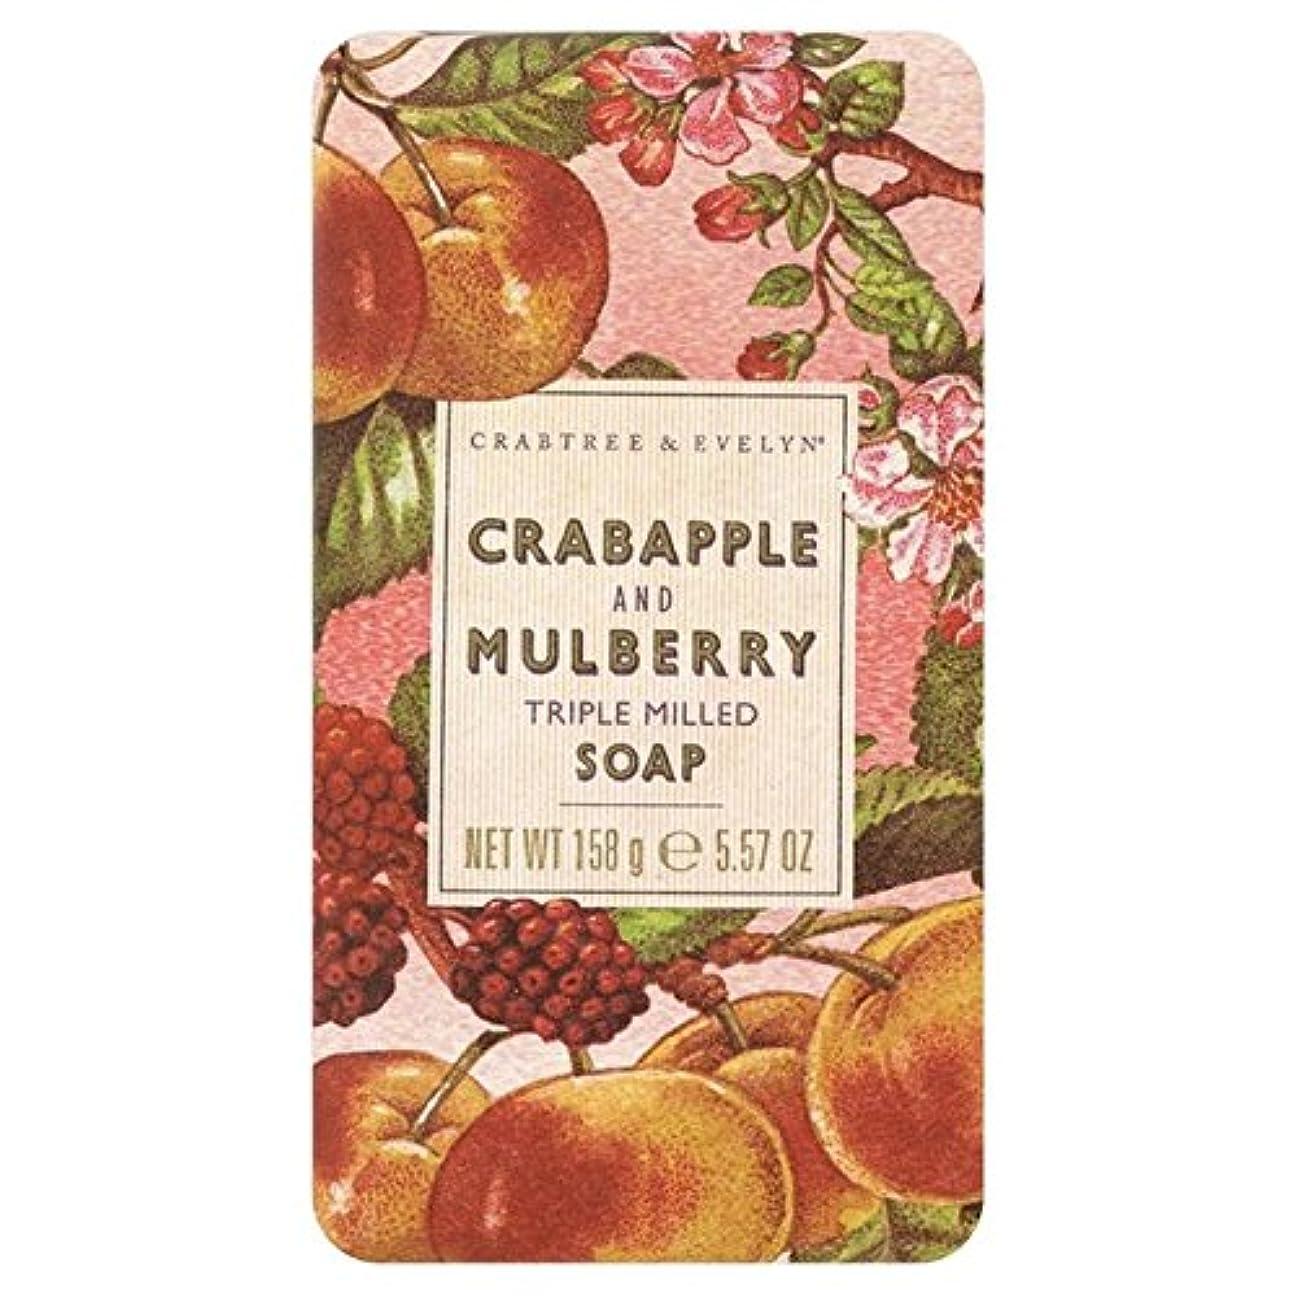 熟読する関係する気づかないクラブツリー&イヴリンと桑遺産石鹸150グラム x2 - Crabtree & Evelyn Crabapple and Mulberry Heritage Soap 150g (Pack of 2) [並行輸入品]